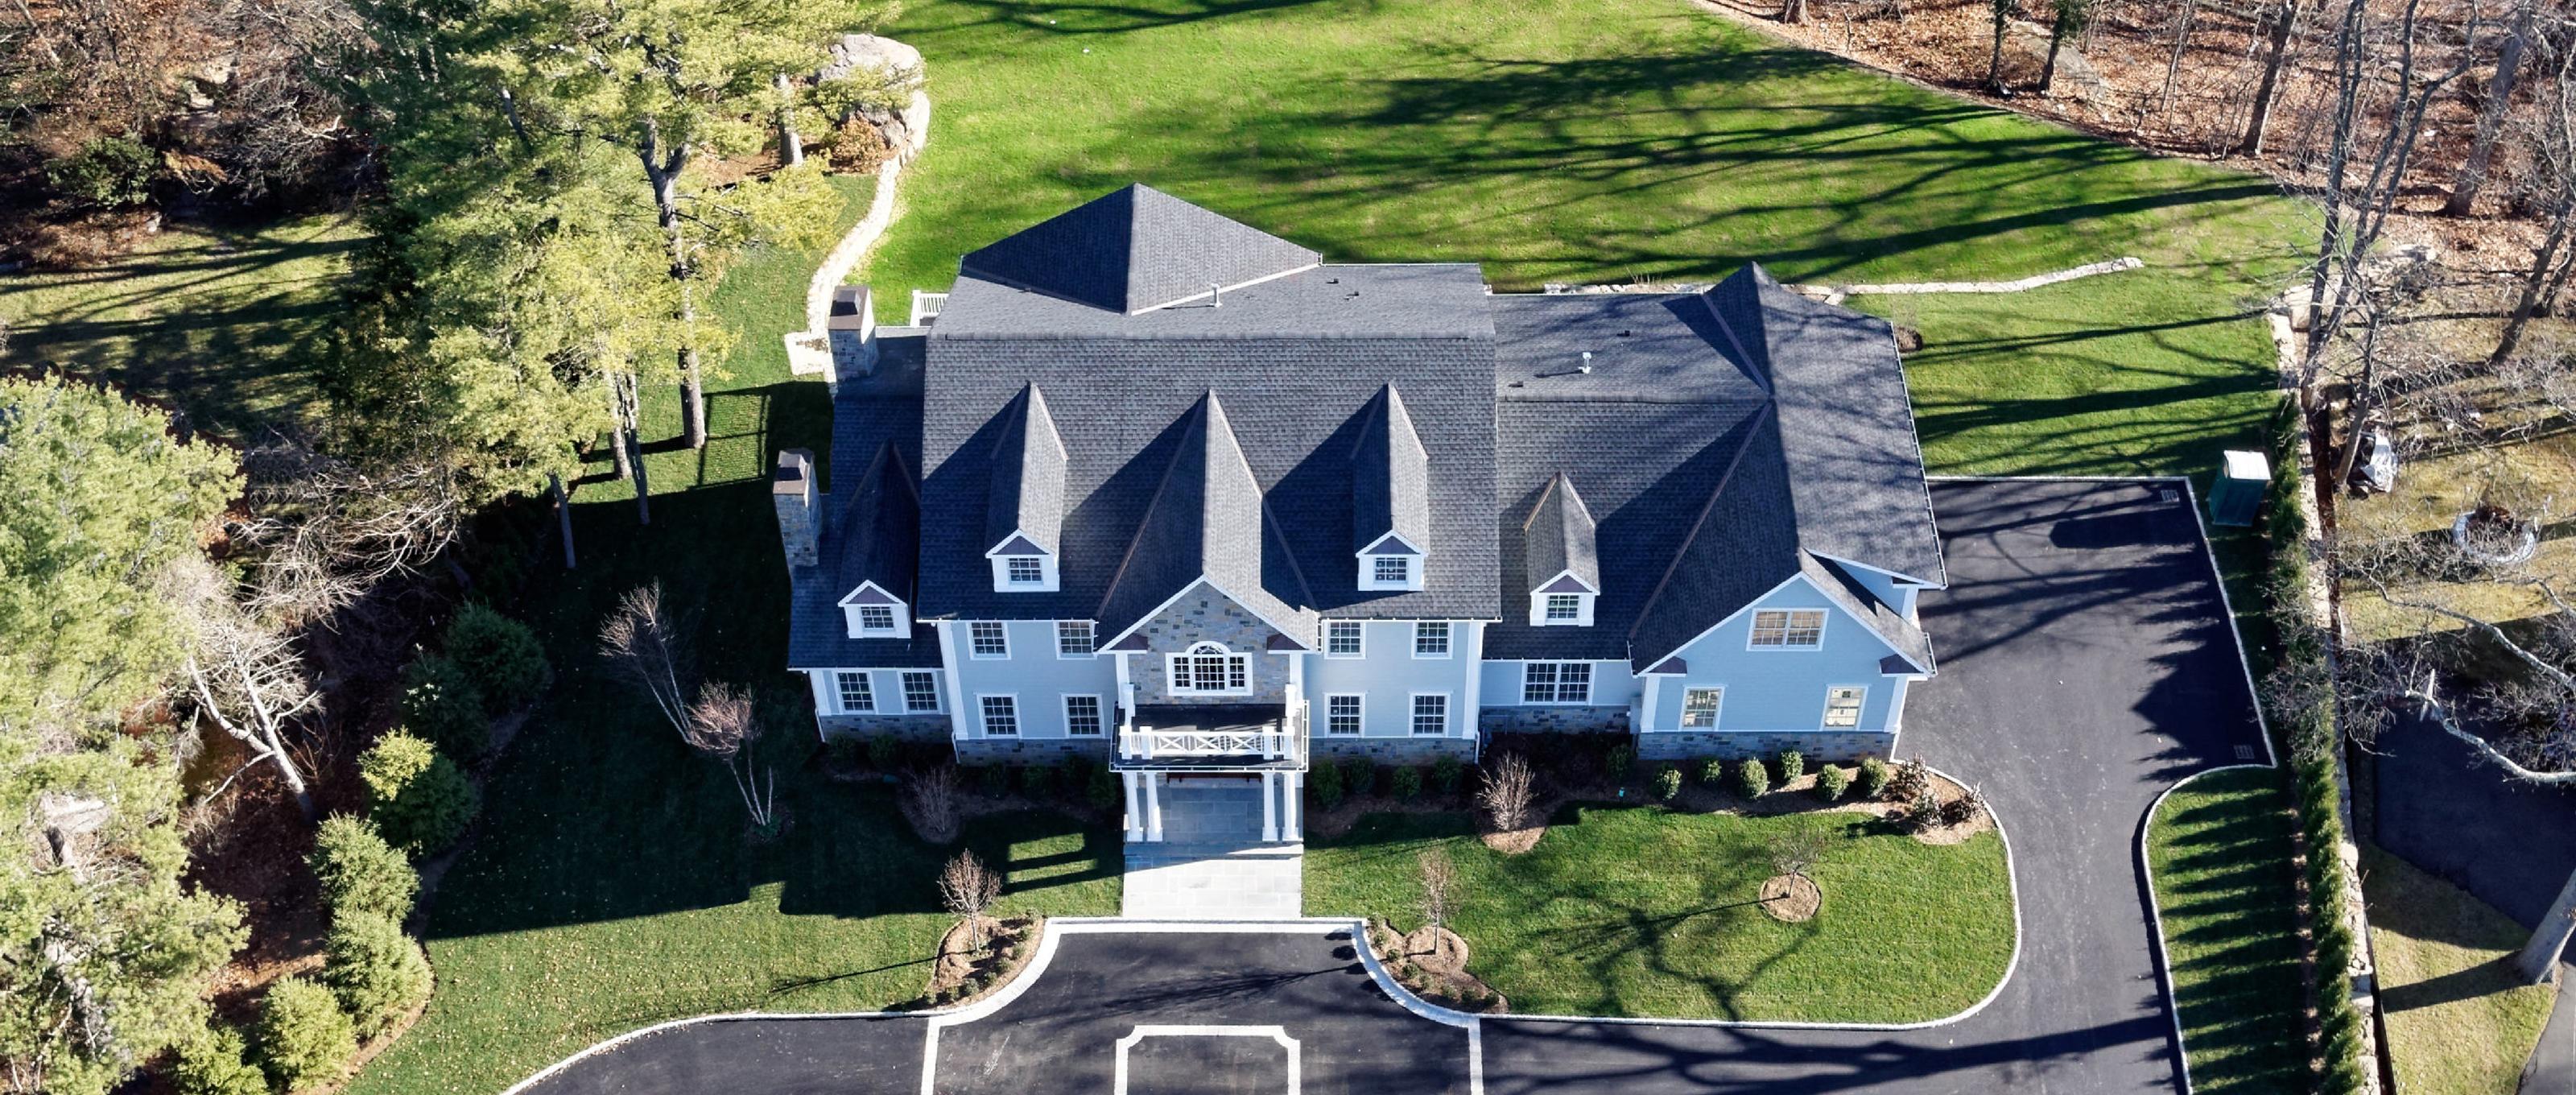 Einfamilienhaus für Verkauf beim 3 Century Trail Harrison, New York 10528 Vereinigte Staaten